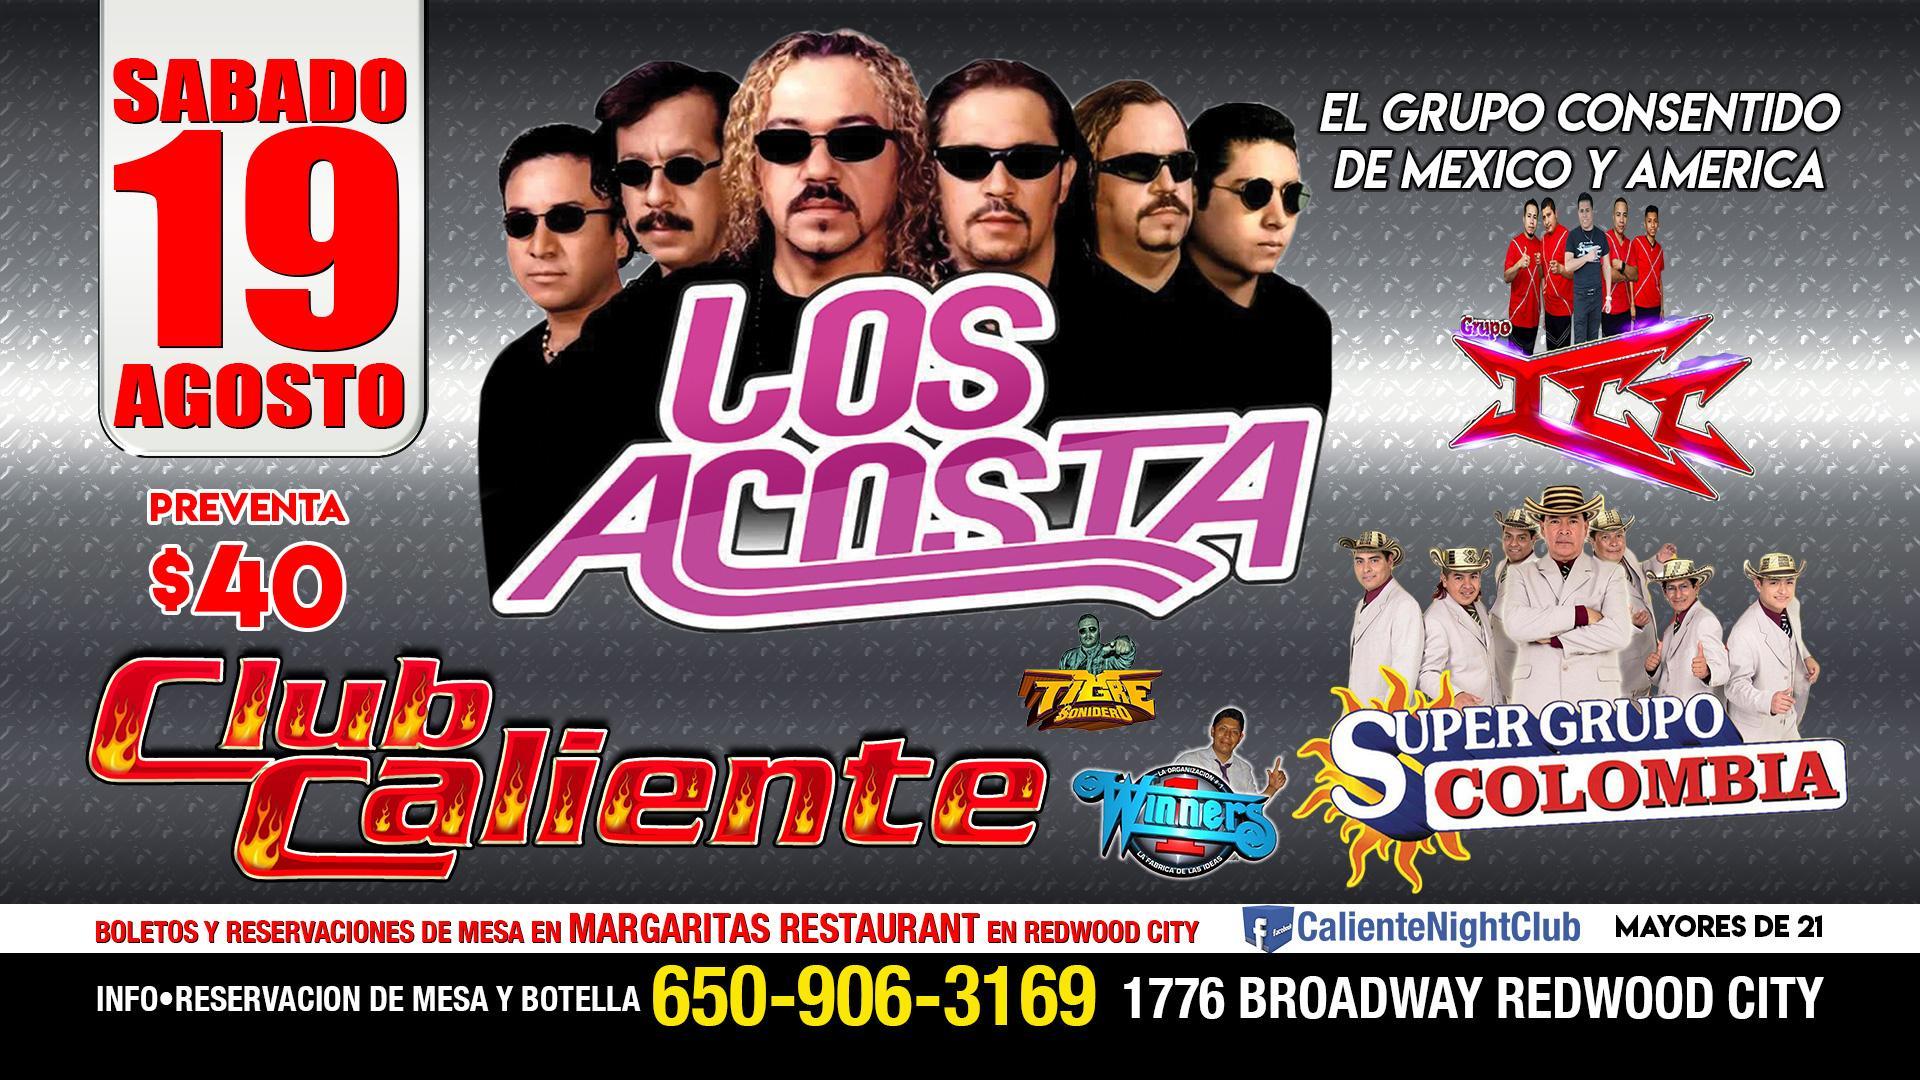 Los Acosta Agosto 19-Club Caliente